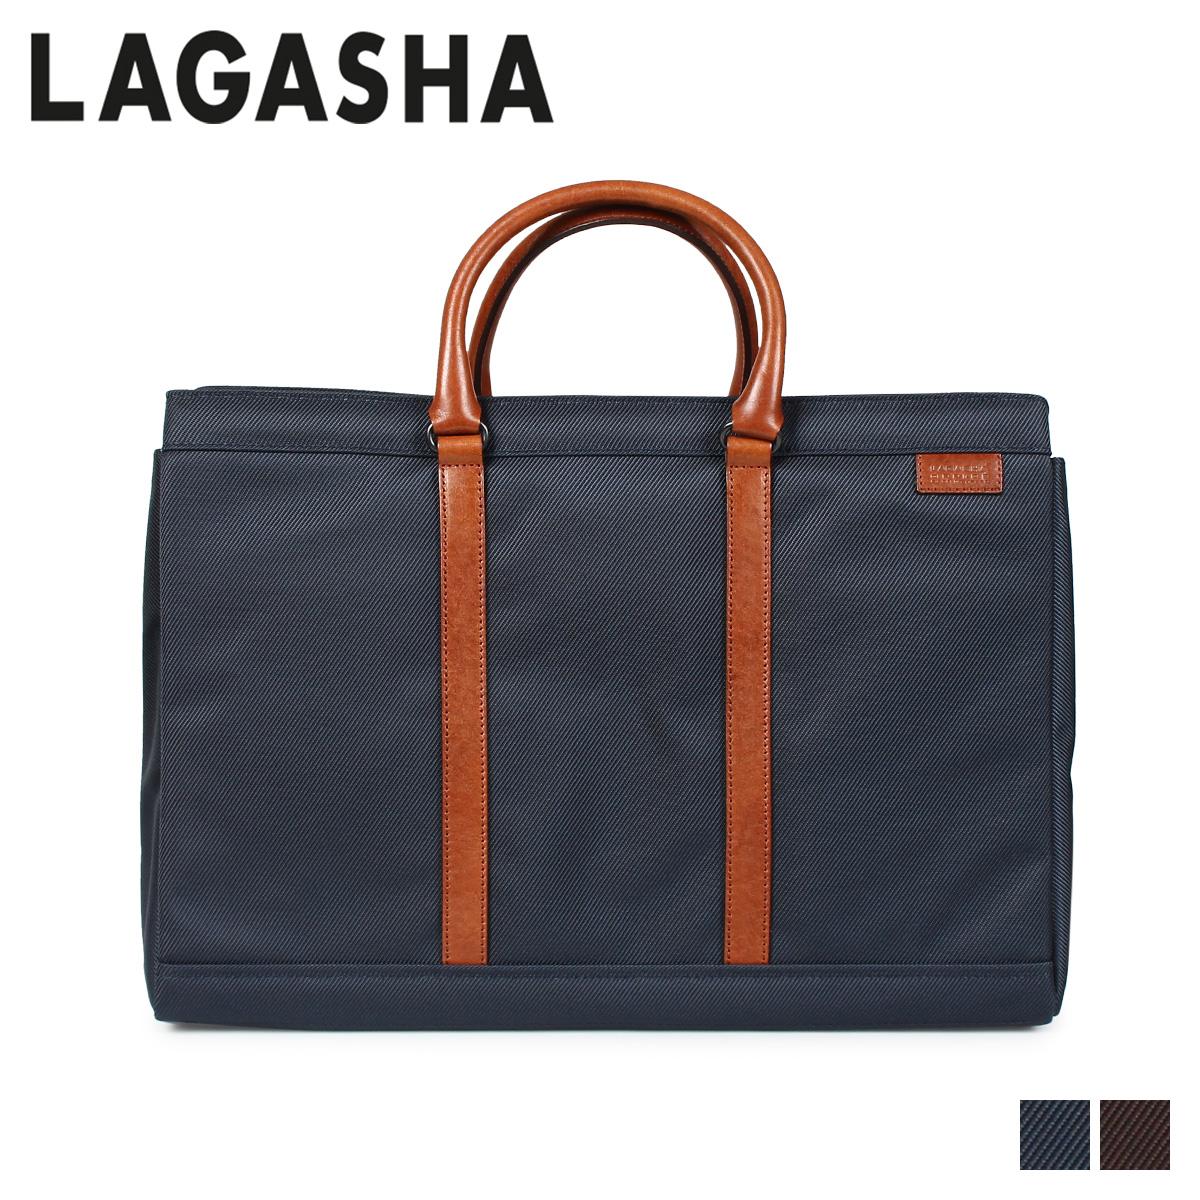 LAGASHA ラガシャ ムーヴ バッグ ビジネスバッグ ブリーフケース メンズ MOVE ネイビー ブラウン 7145